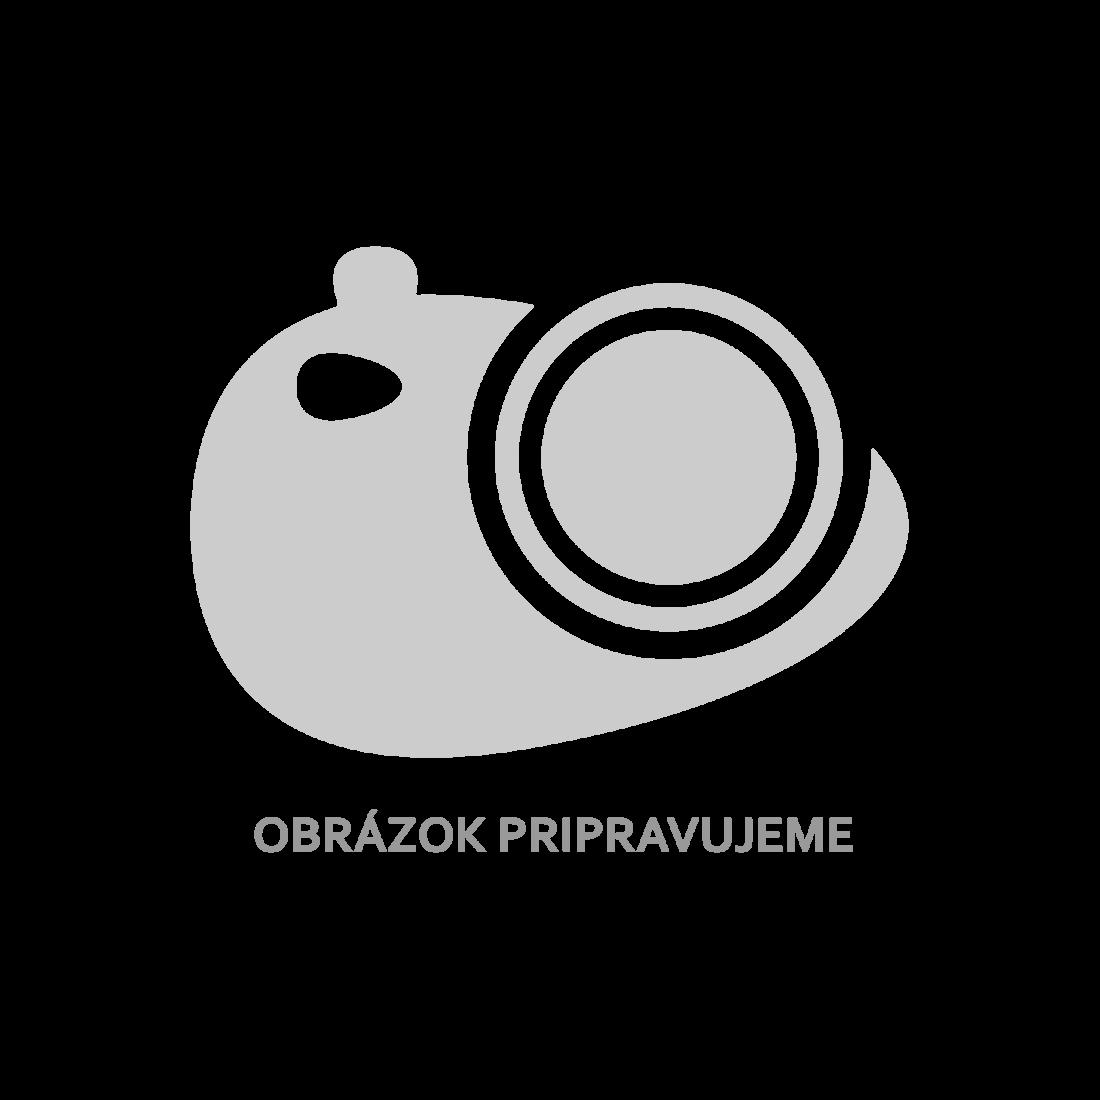 vidaXL Zahradní stůl tmavě šedý 45 x 45 x 46,5 cm polyratan [313306]